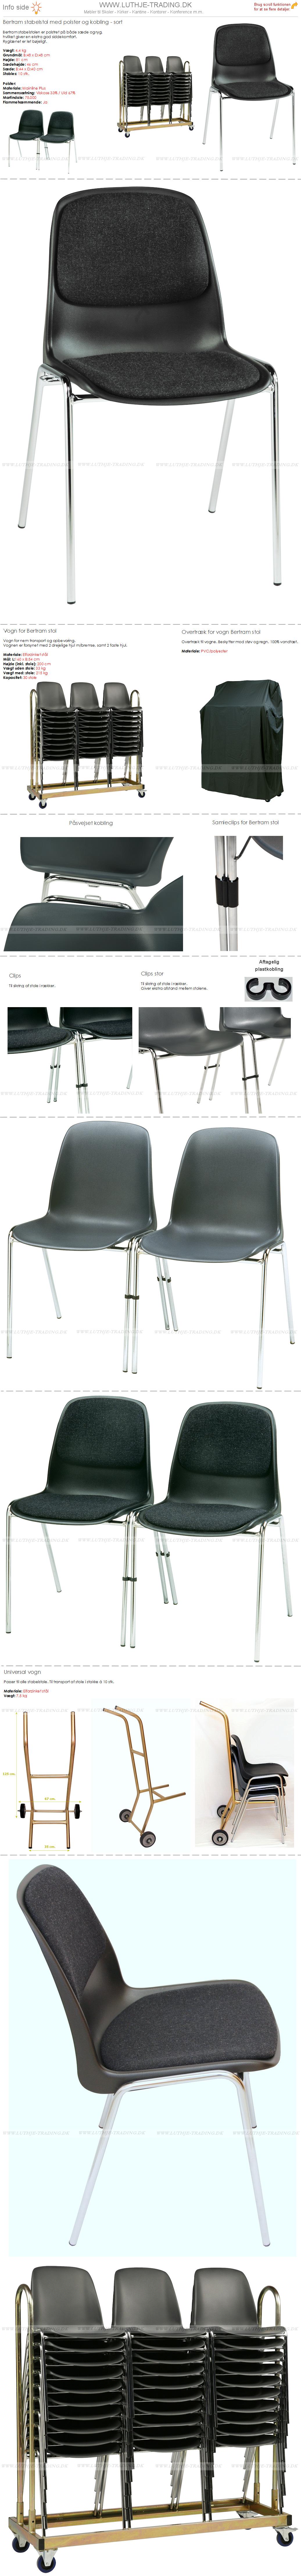 Stabelstole Bertram med krom stel,  sort plastskal, stof på sæde og ryg og påsvejset metalkobling